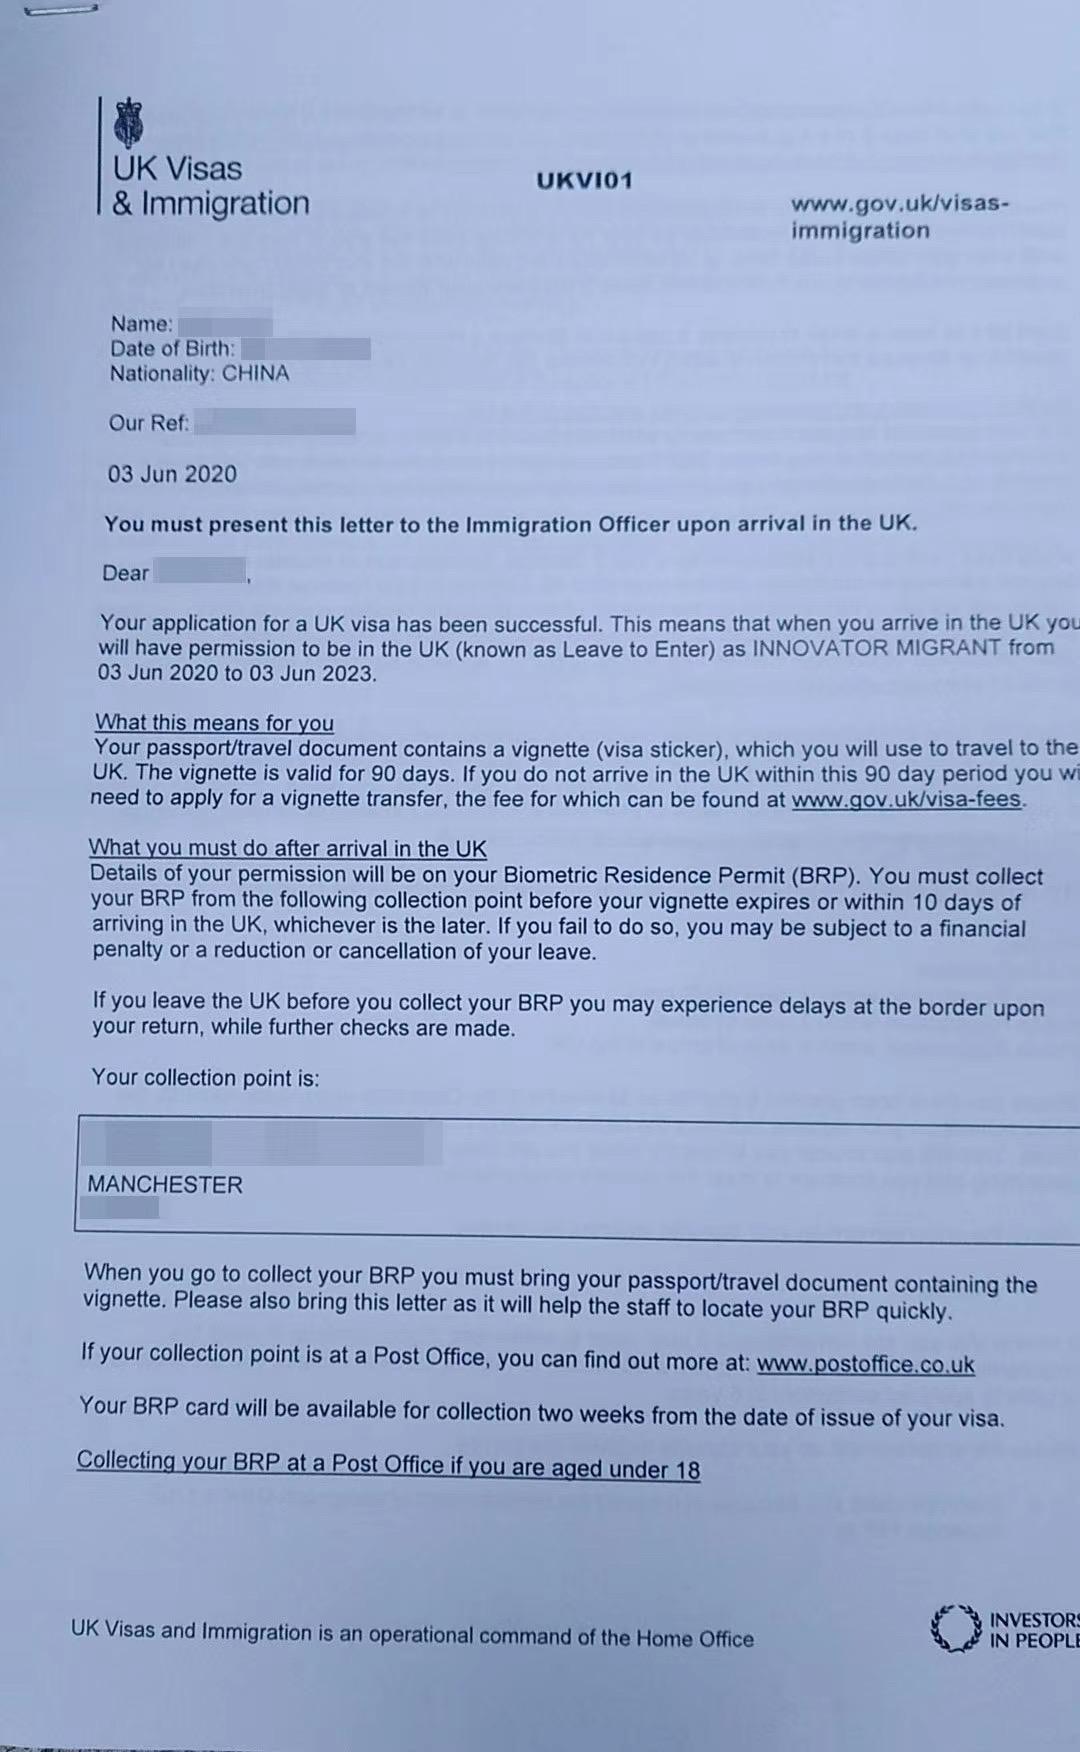 恭喜J先生英国创新签证客户过签!